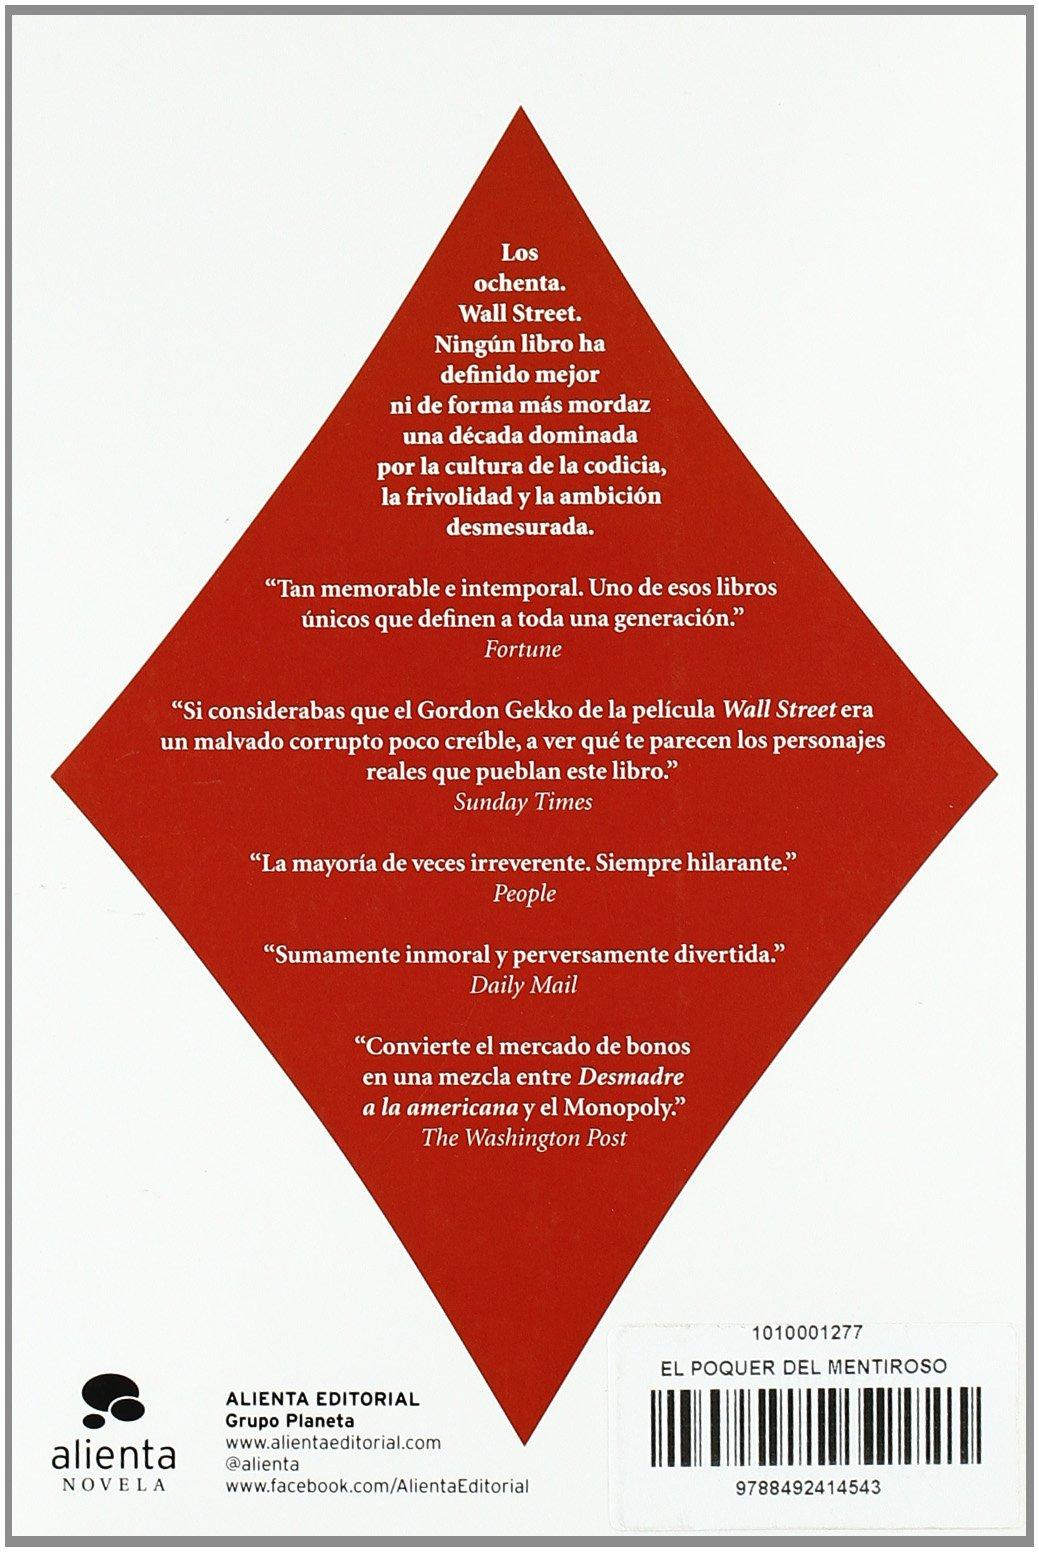 El póquer del mentiroso (Alienta Novela): Amazon.es: Lewis, Michael, Ribera de Madariaga, Blanca: Libros